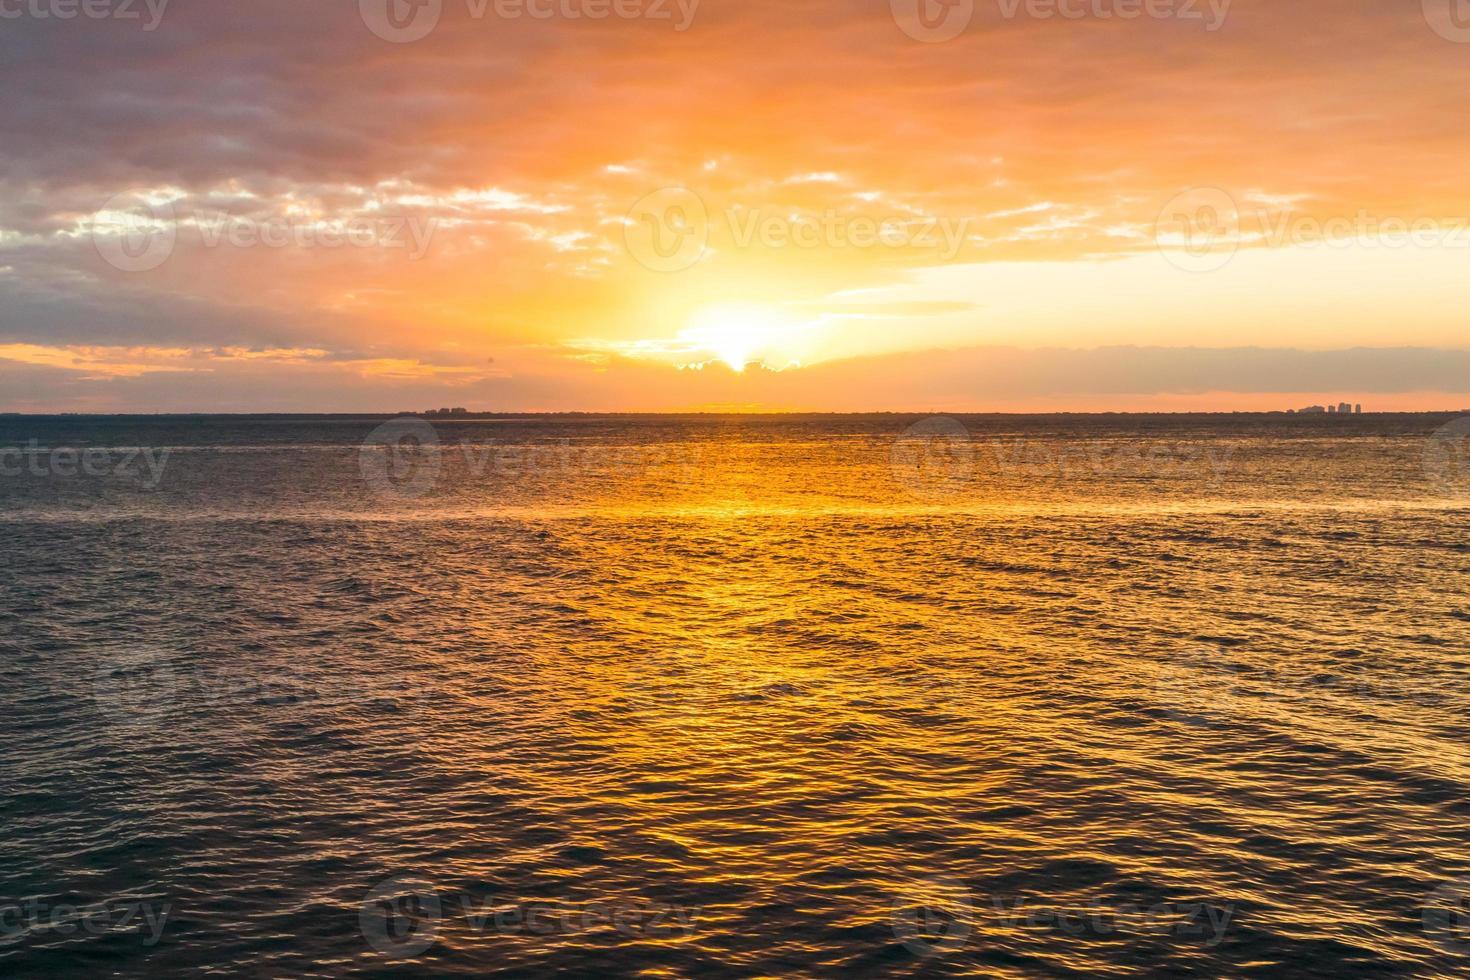 Sonnenuntergang in Miami Beach foto